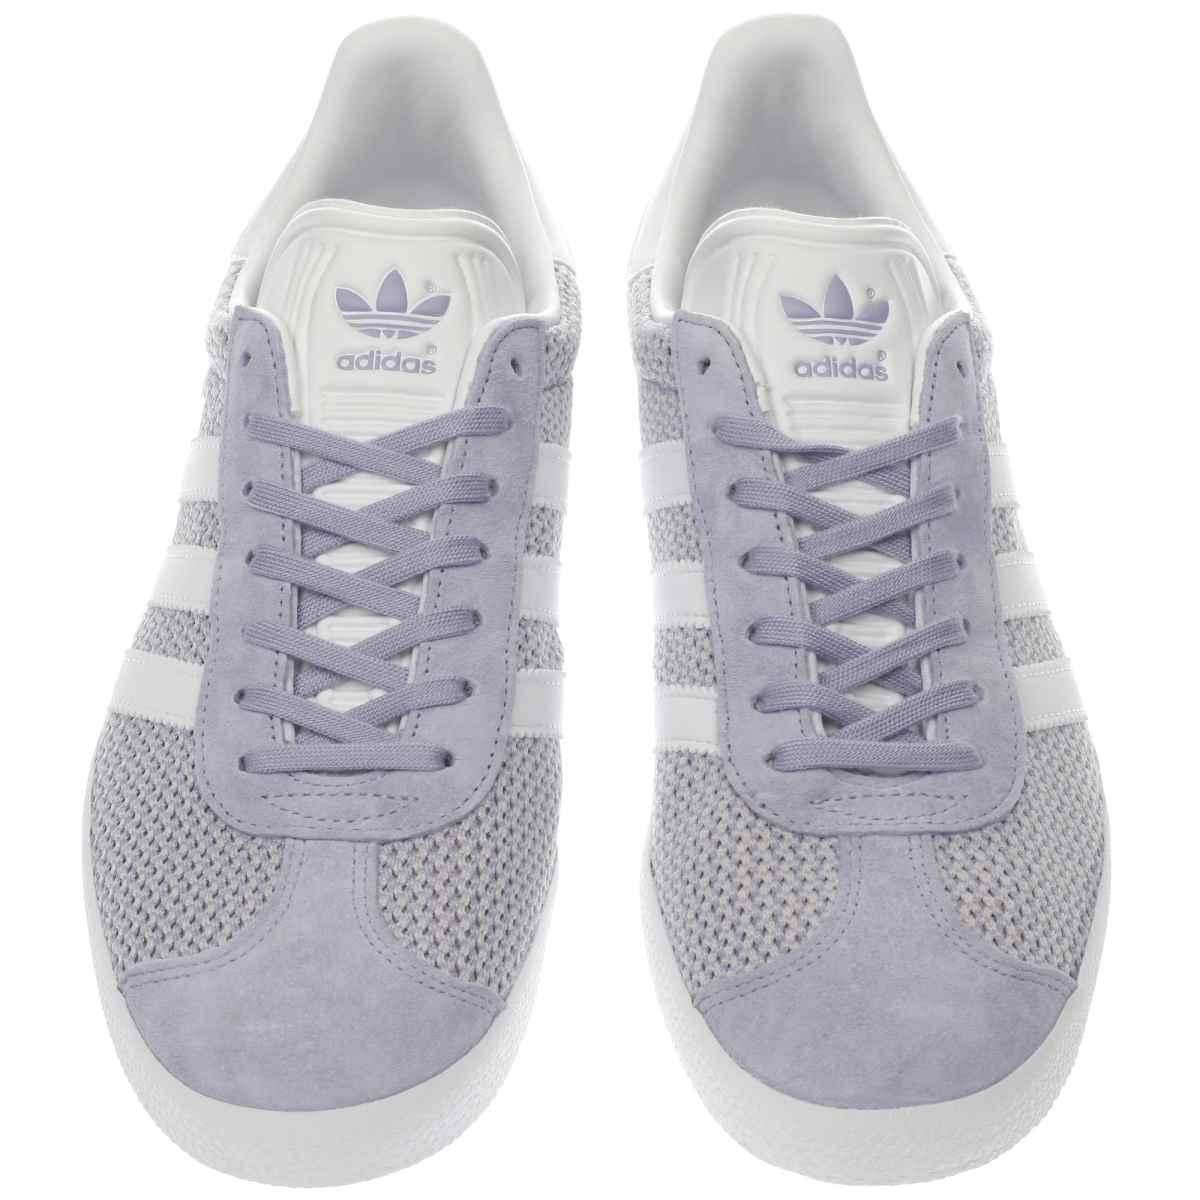 lilac adidas gazelle